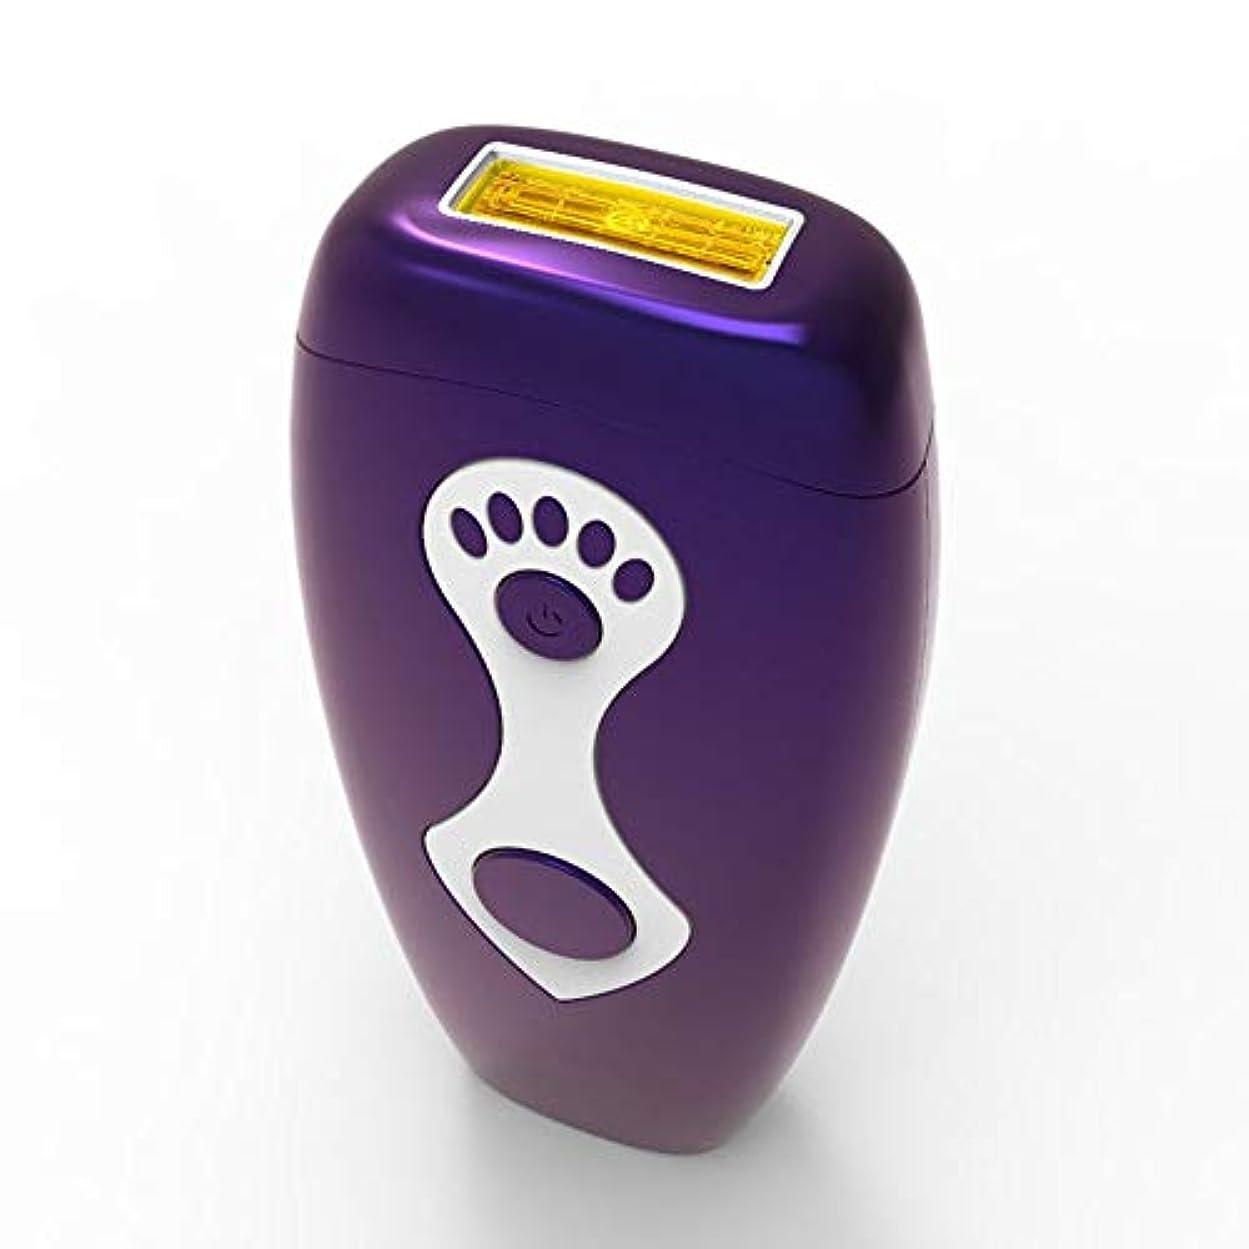 スペル先例勝者Nuanxin パーマネント脱毛、家庭用ニュートラルヘアリムーバー、柔らかい肌、マルチ運動エネルギー、安全性、グレード5無料調整、サイズ7.5×16.5 Cm F30 (Color : Purple)